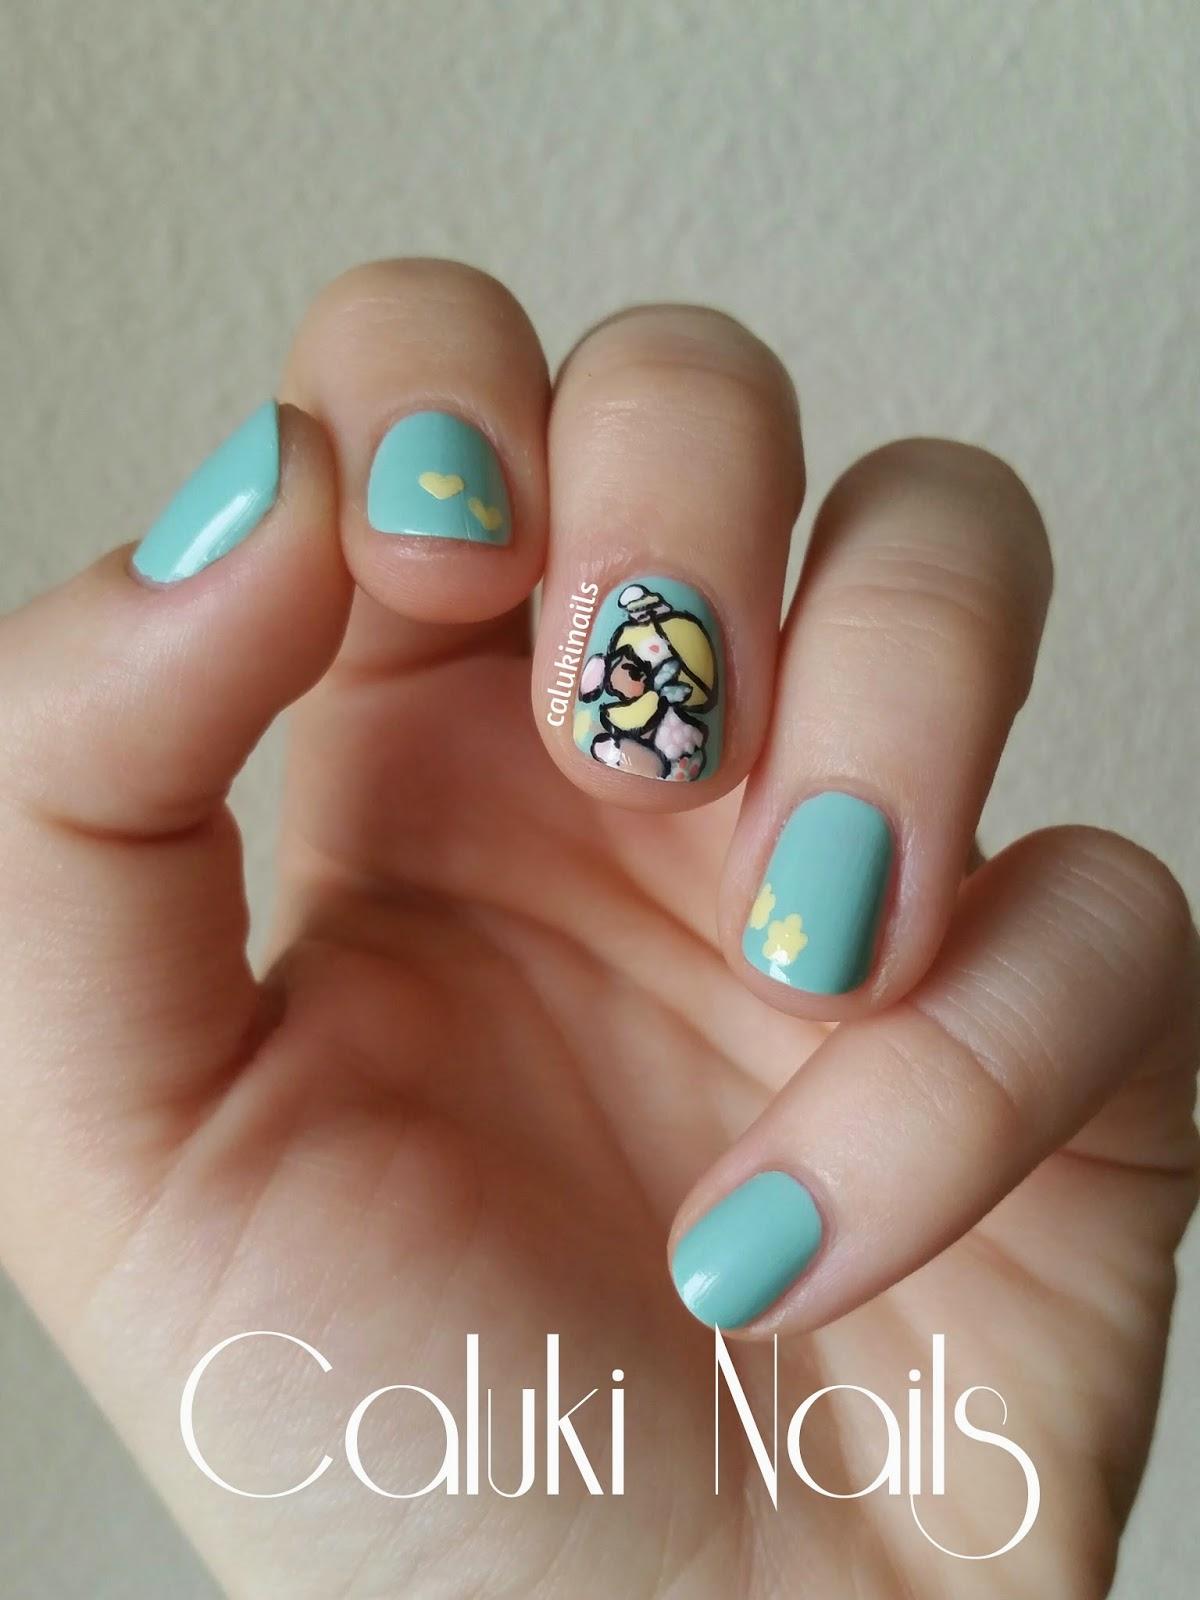 Caluki nails nail art chic kawaii - Nail art chic ...